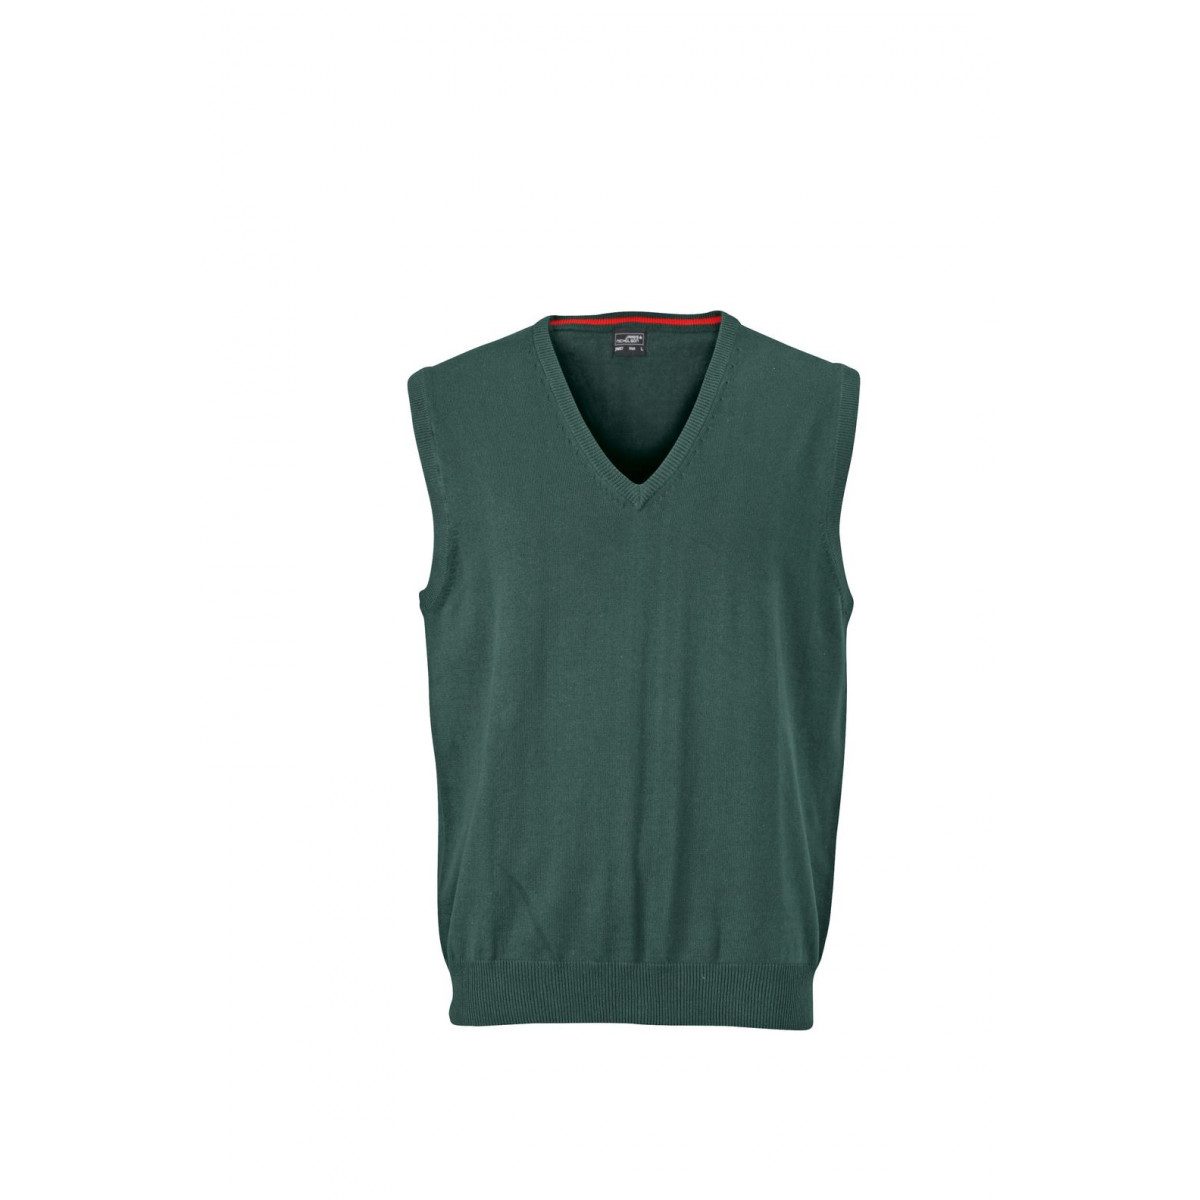 Жилет вязаный мужской JN657 Mens V-Neck Pullunder - Темно-зеленый